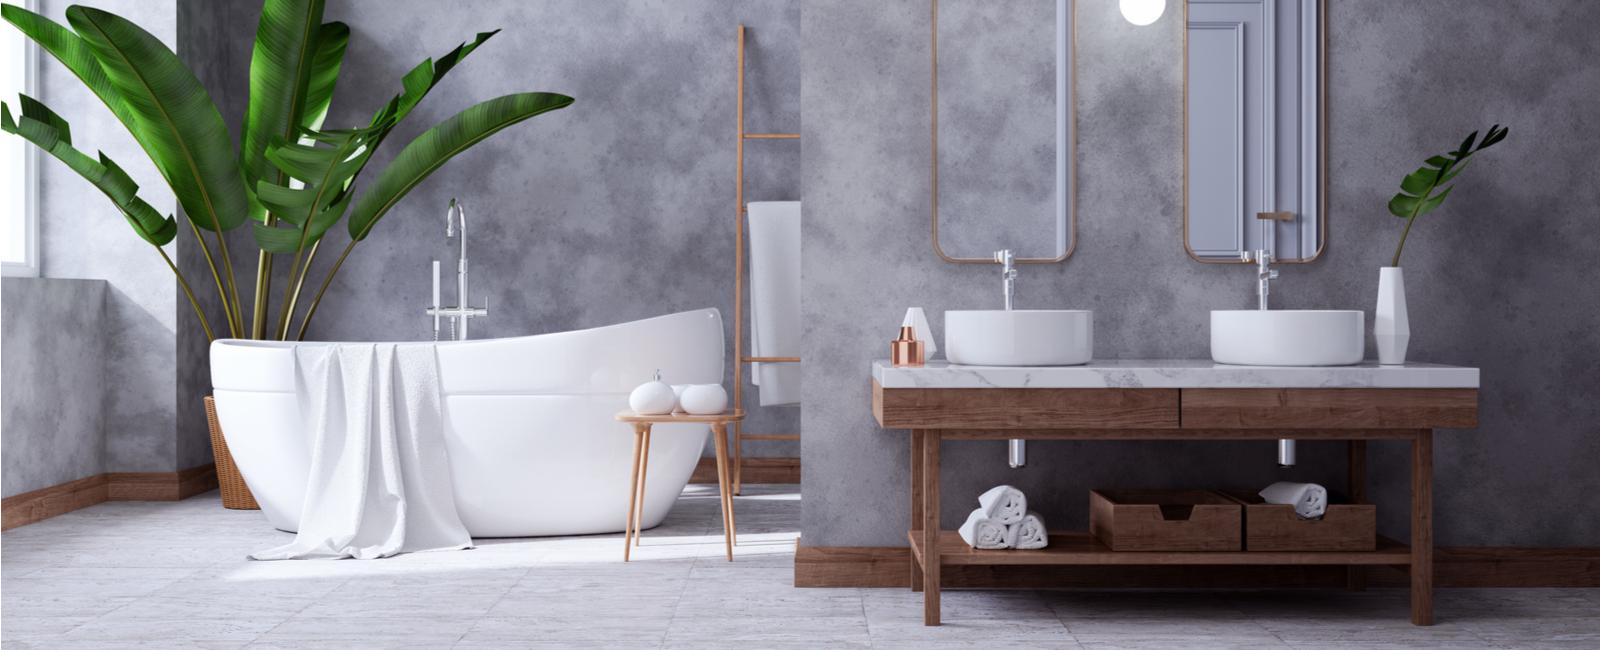 Couleur Tendance Salle De Bain 2019 quelle sont les couleurs tendance de salle de bains? notre top 5